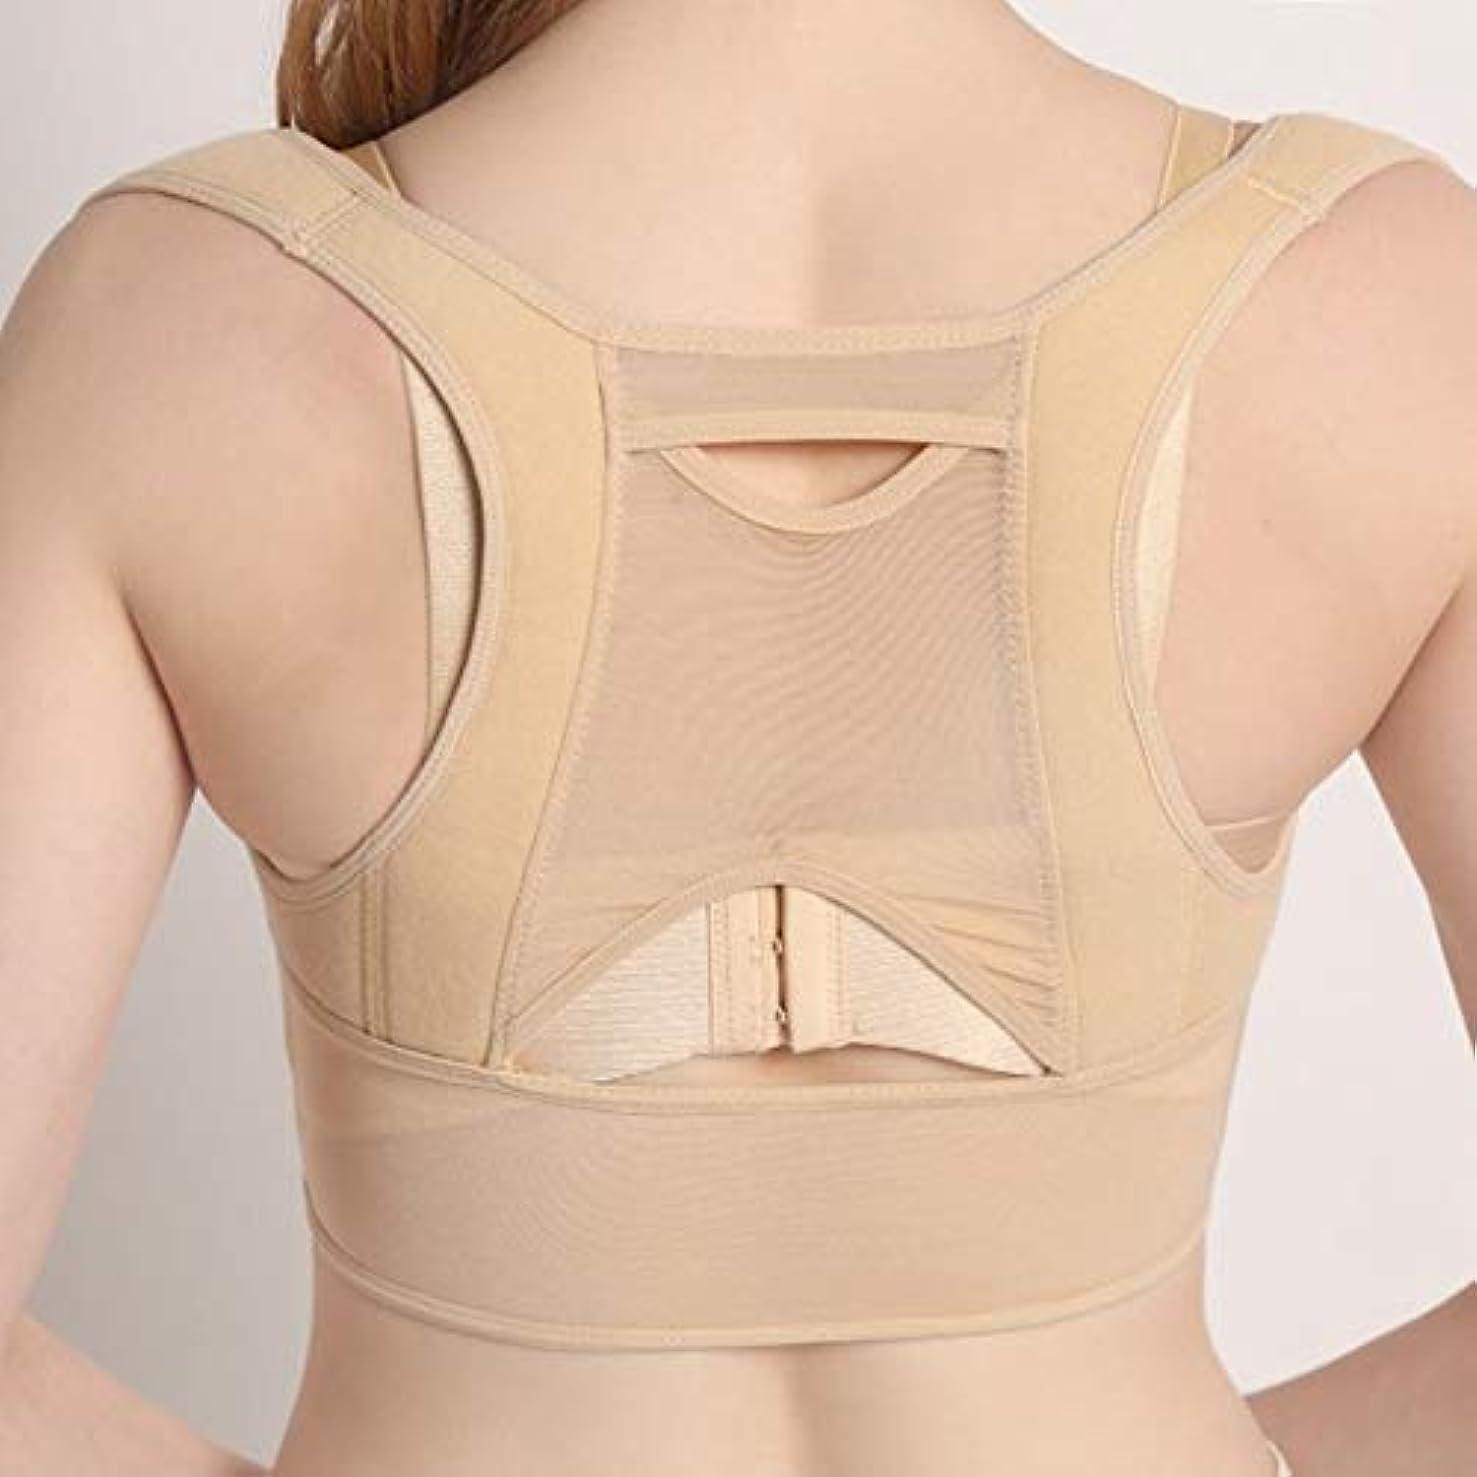 柔らかさ港ウッズ通気性のある女性の背中の姿勢矯正コルセット整形外科の肩の背骨の背骨の姿勢矯正腰椎サポート